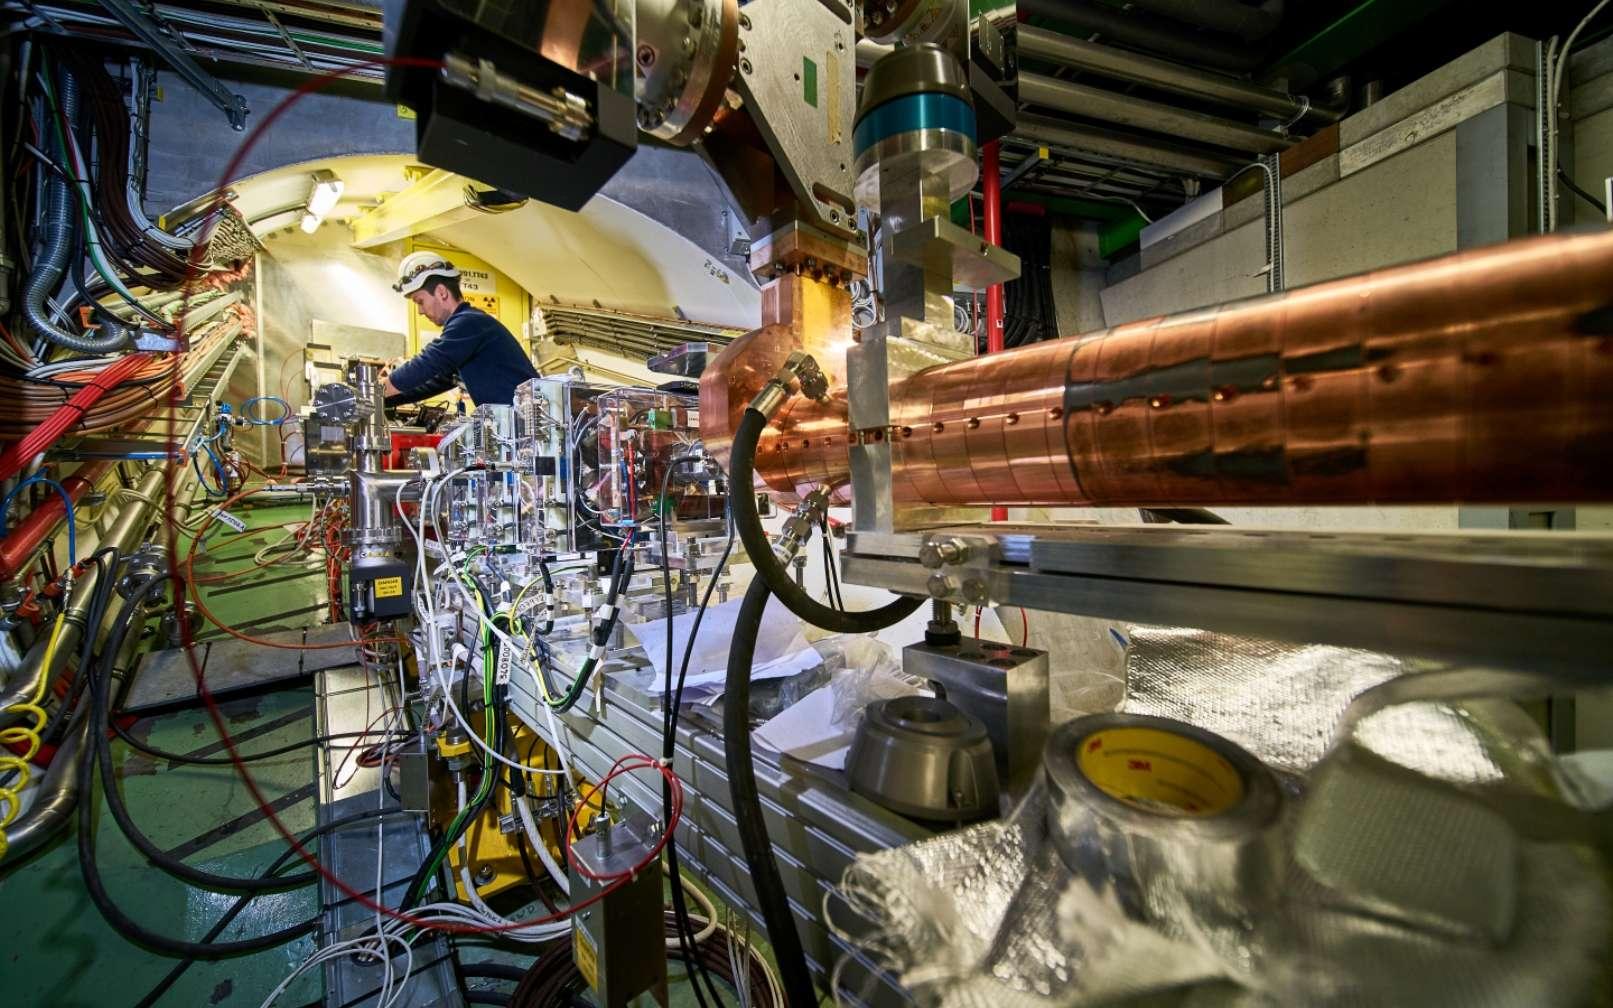 Une vue de l'expérience Awake au Cern. © Maximilien Brice/Julien Ordan/CERN